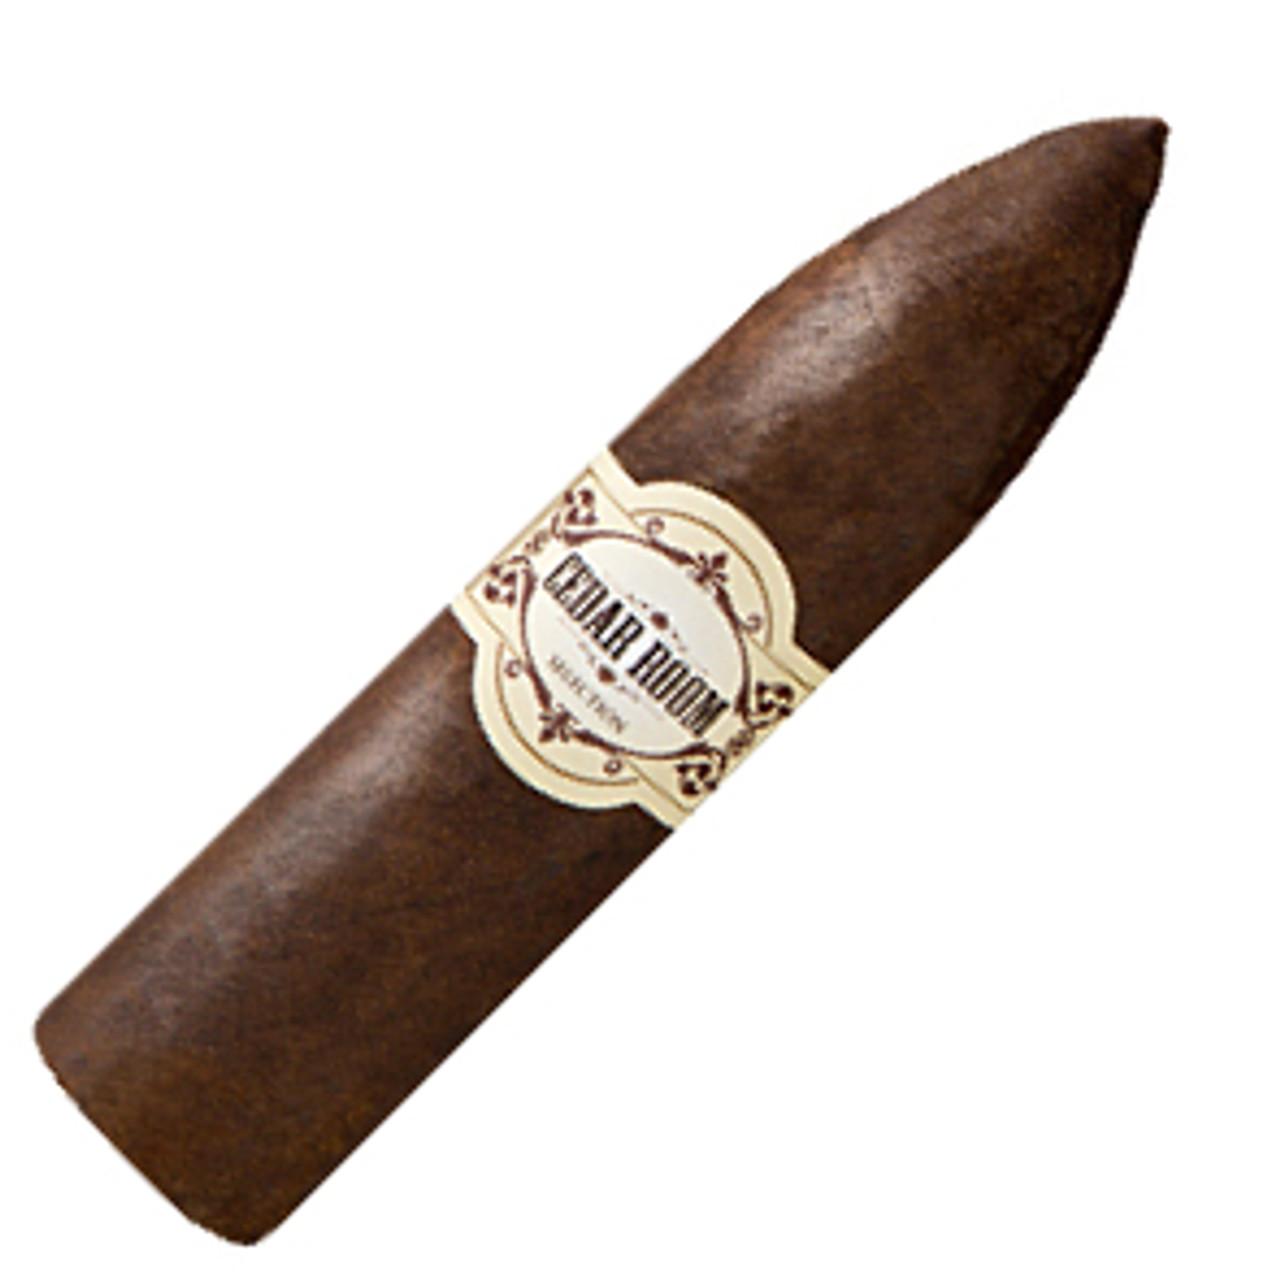 Cedar Room Morron Short Magnum Cigars - 4 x 60 (Pack of 5)